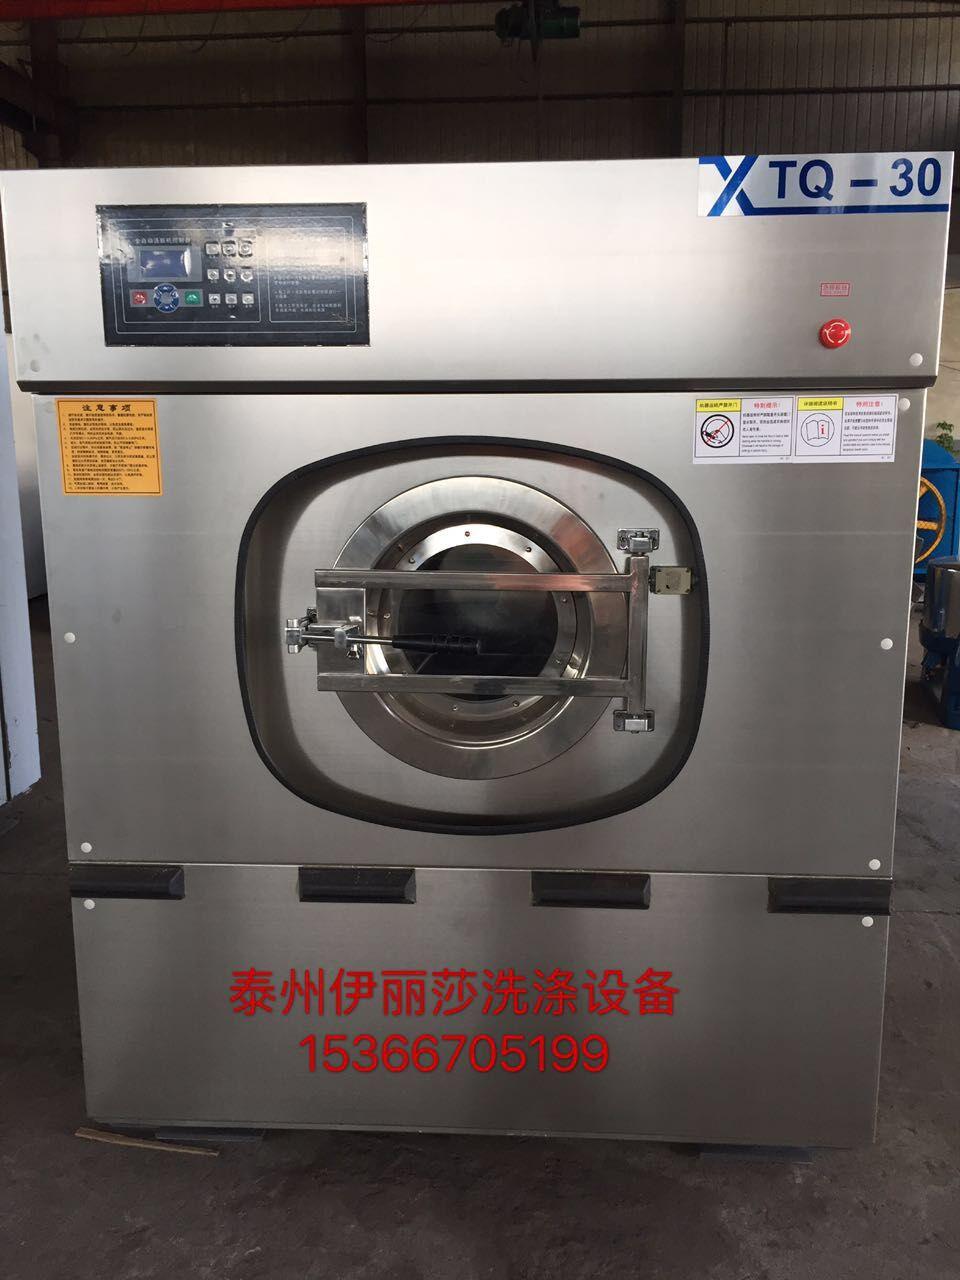 鸿运国际洗衣机